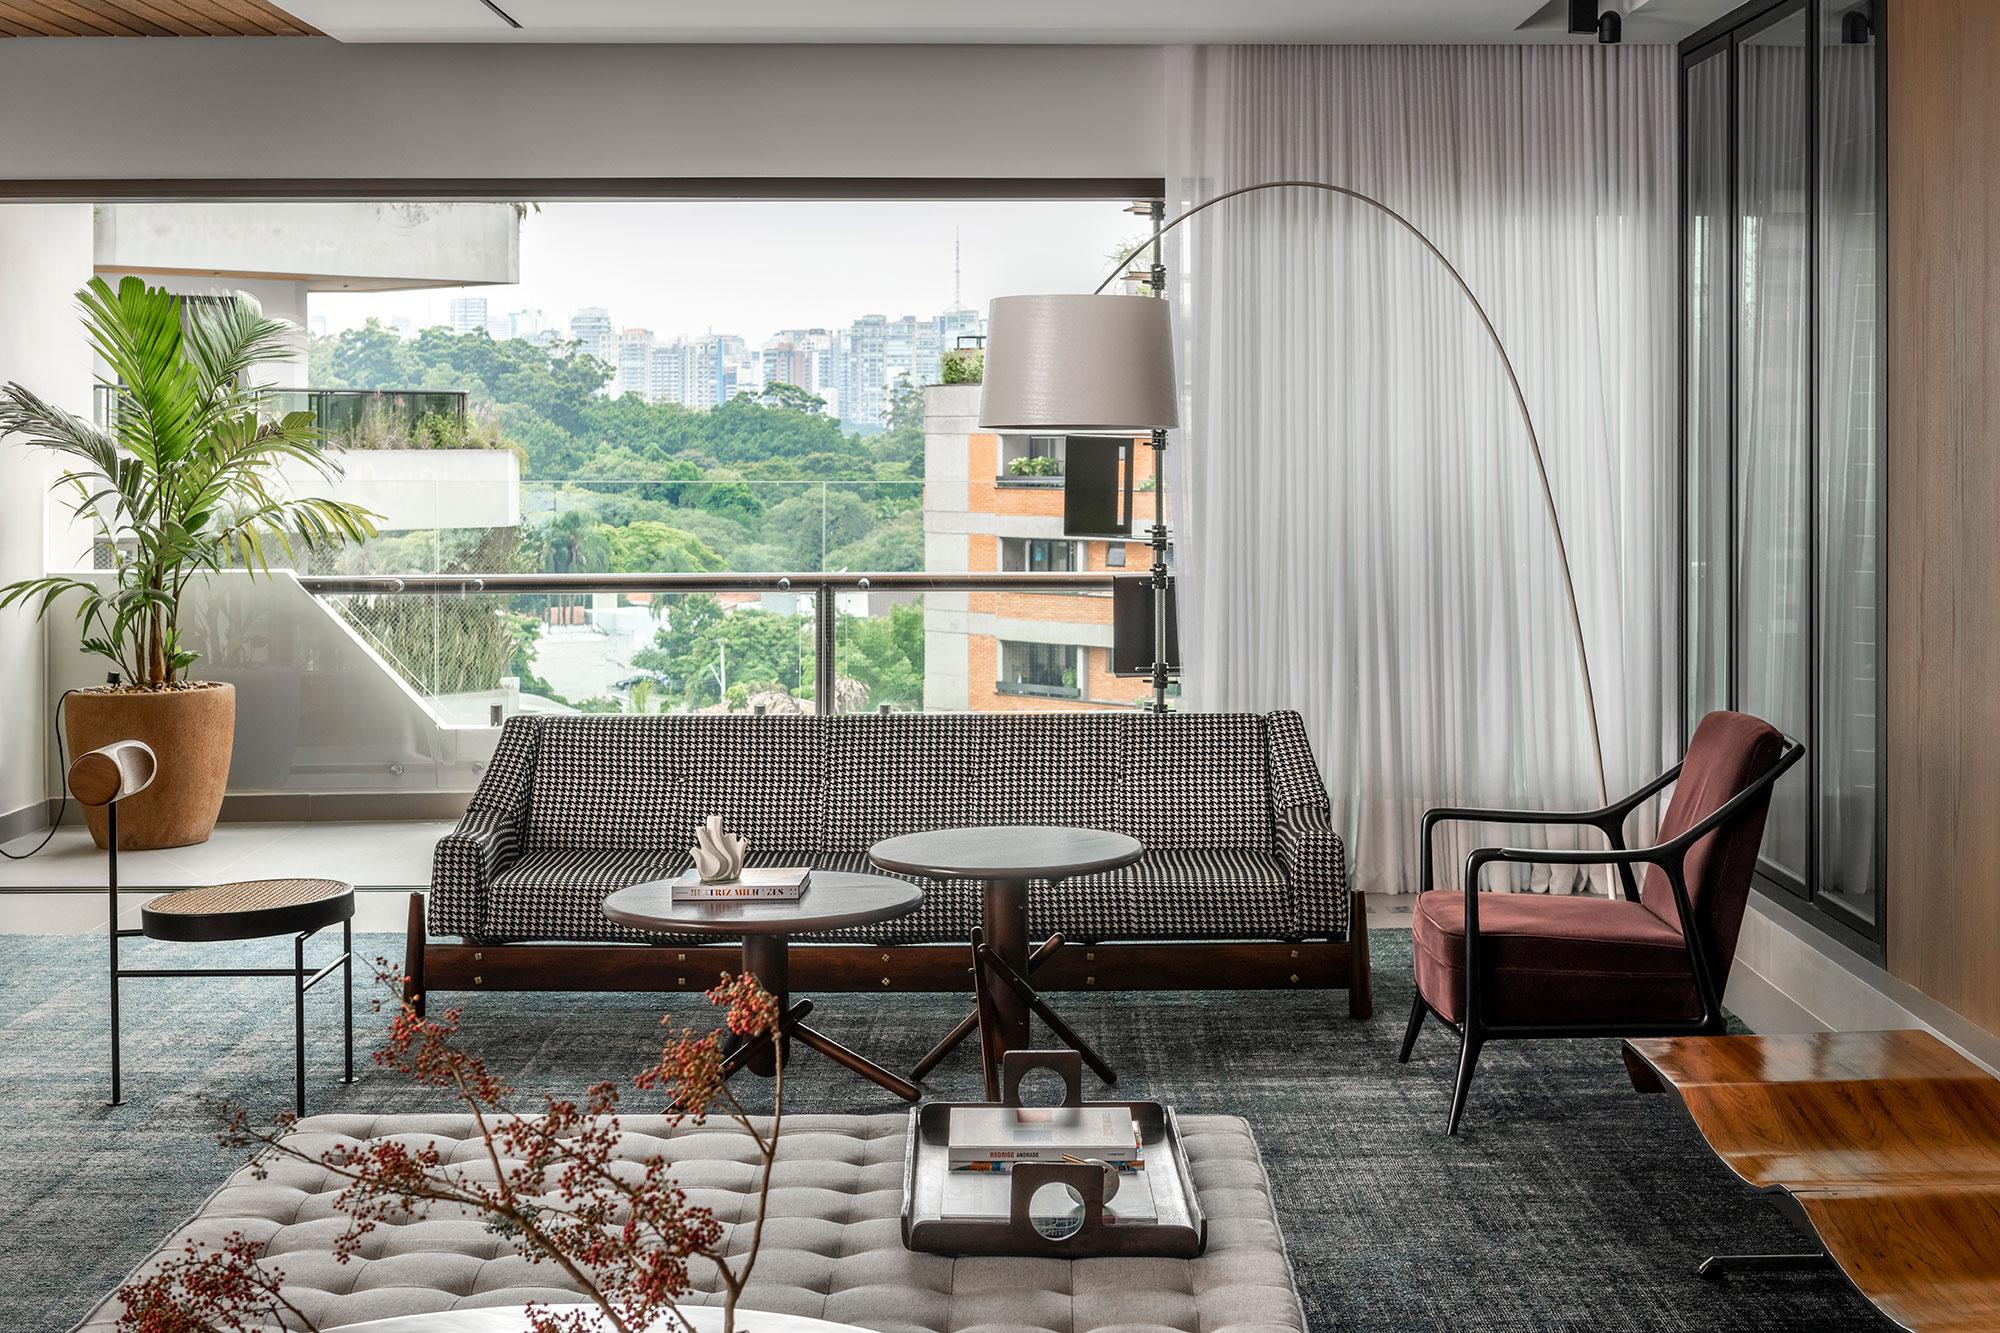 apartamento kika tiengo são paulo elenco casacor 2021